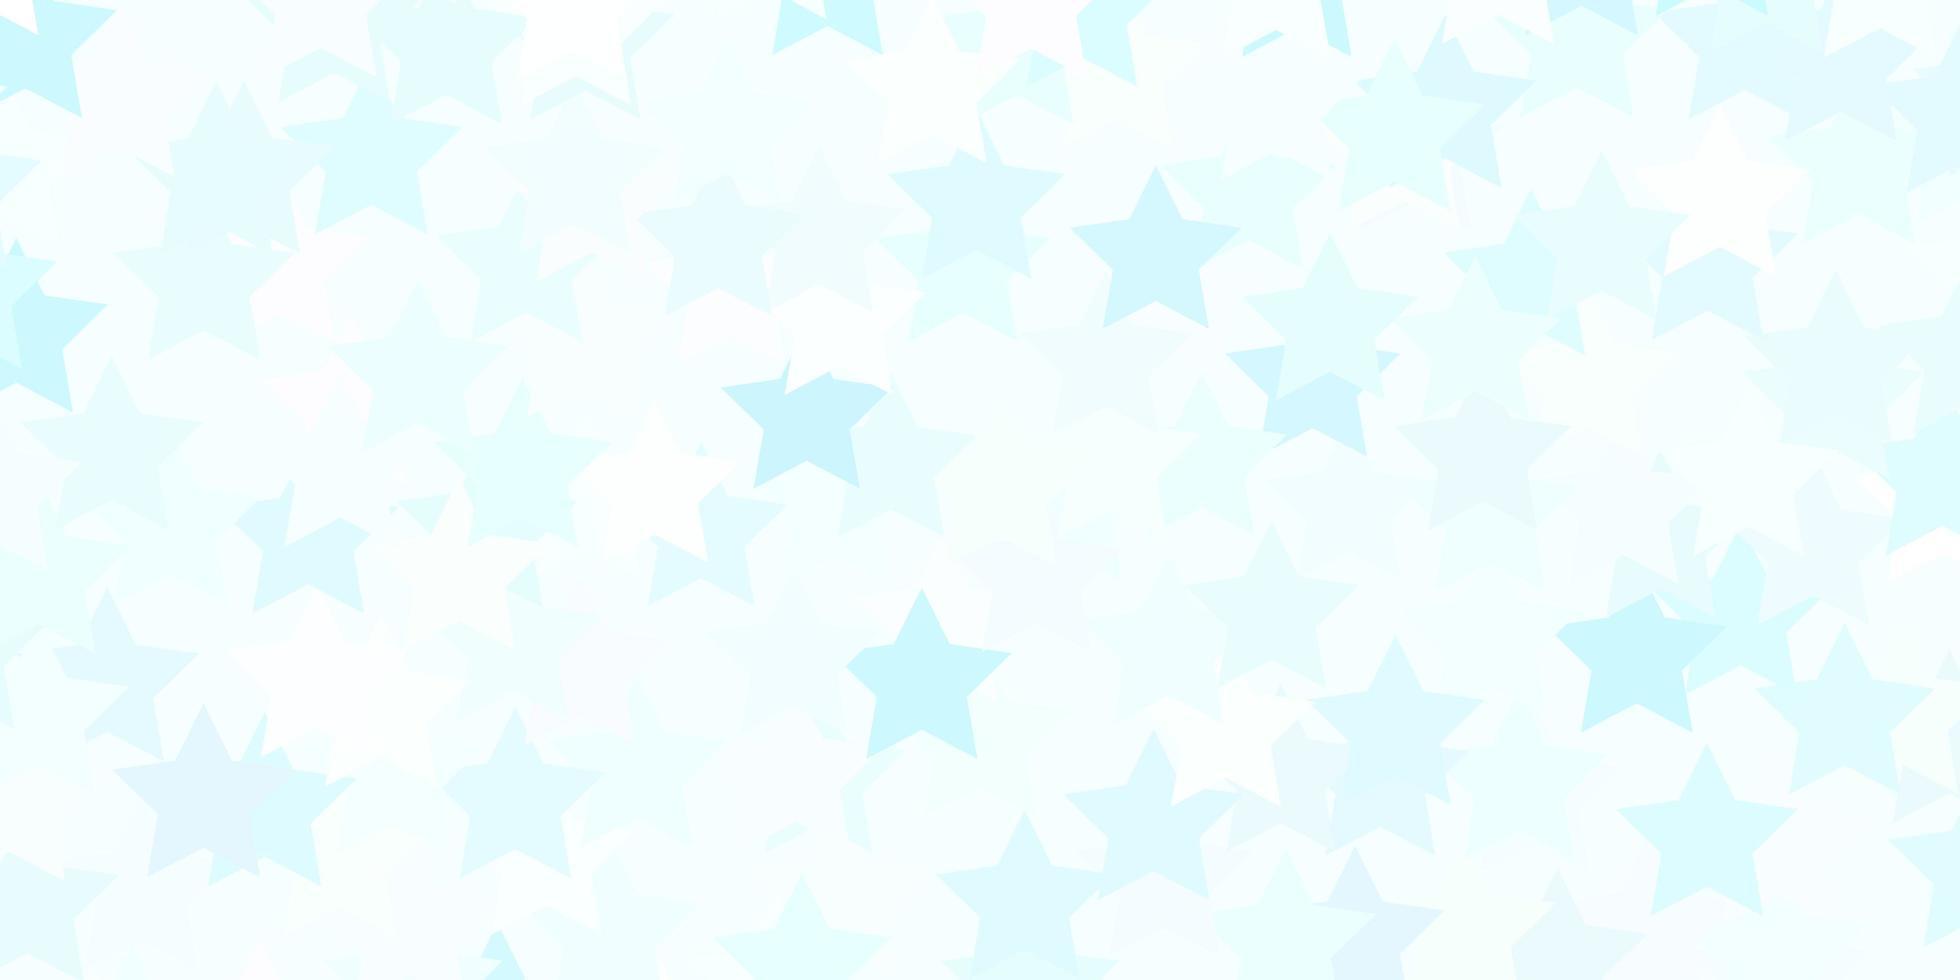 diseño de vector azul claro con estrellas brillantes.